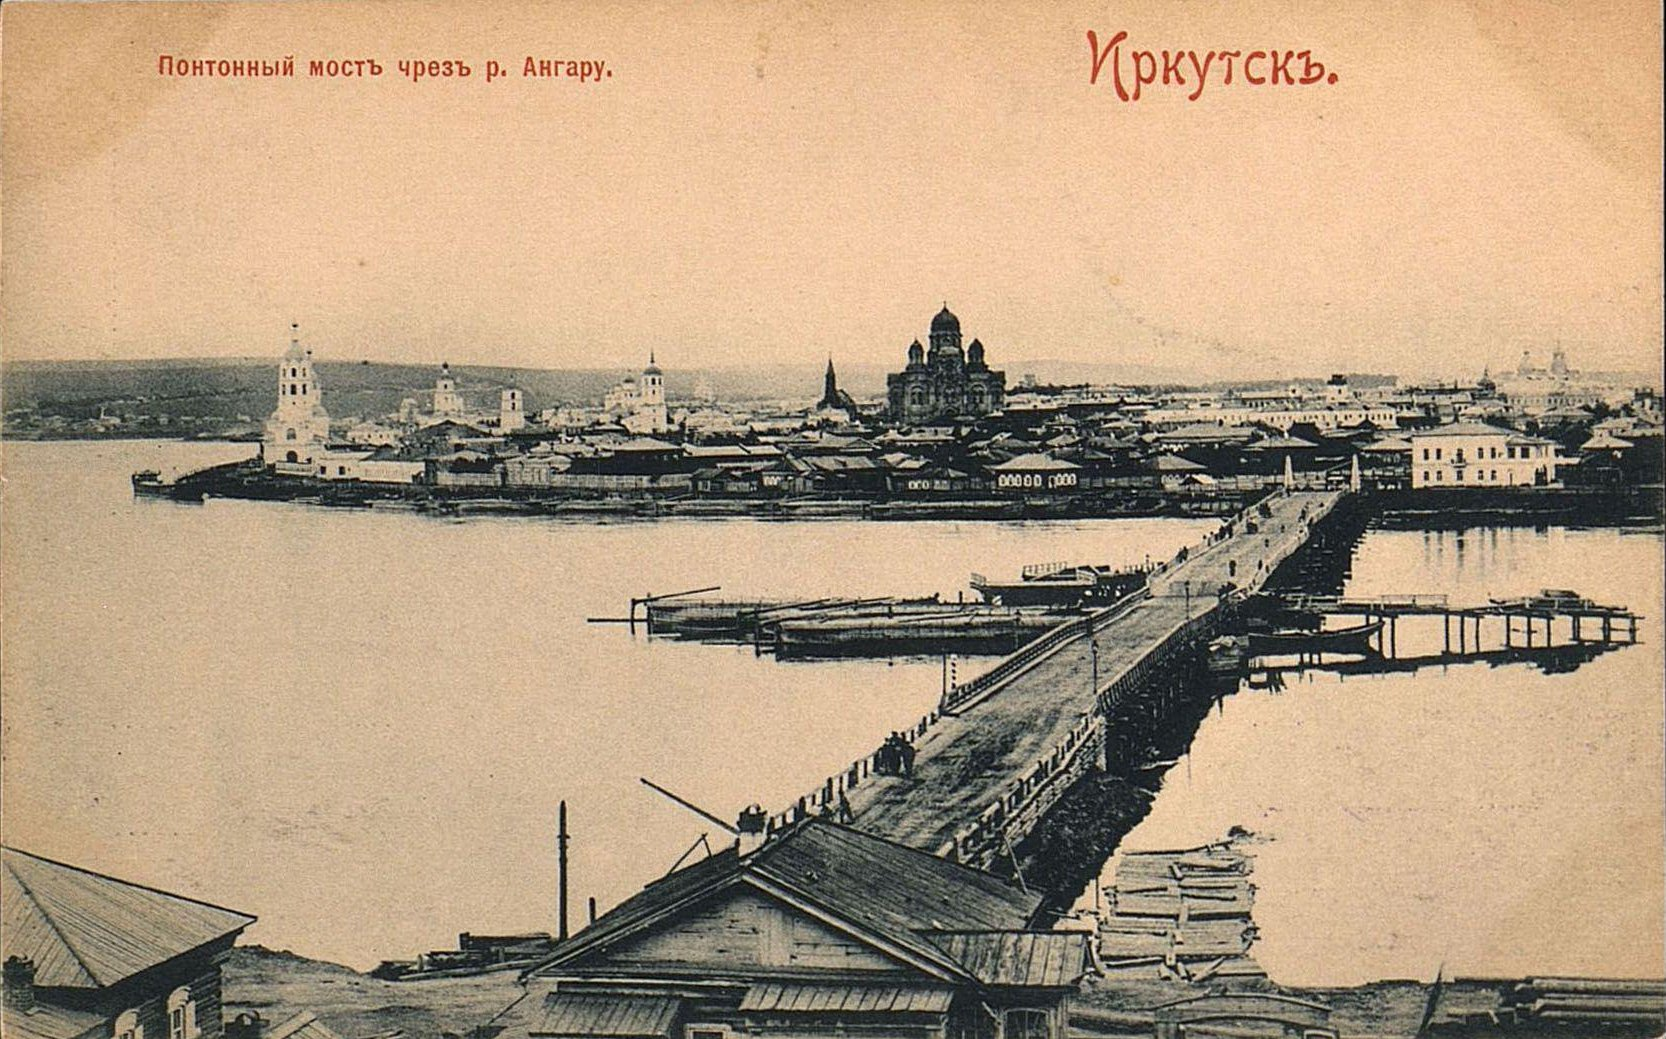 Понтонный мост через реку Ангару